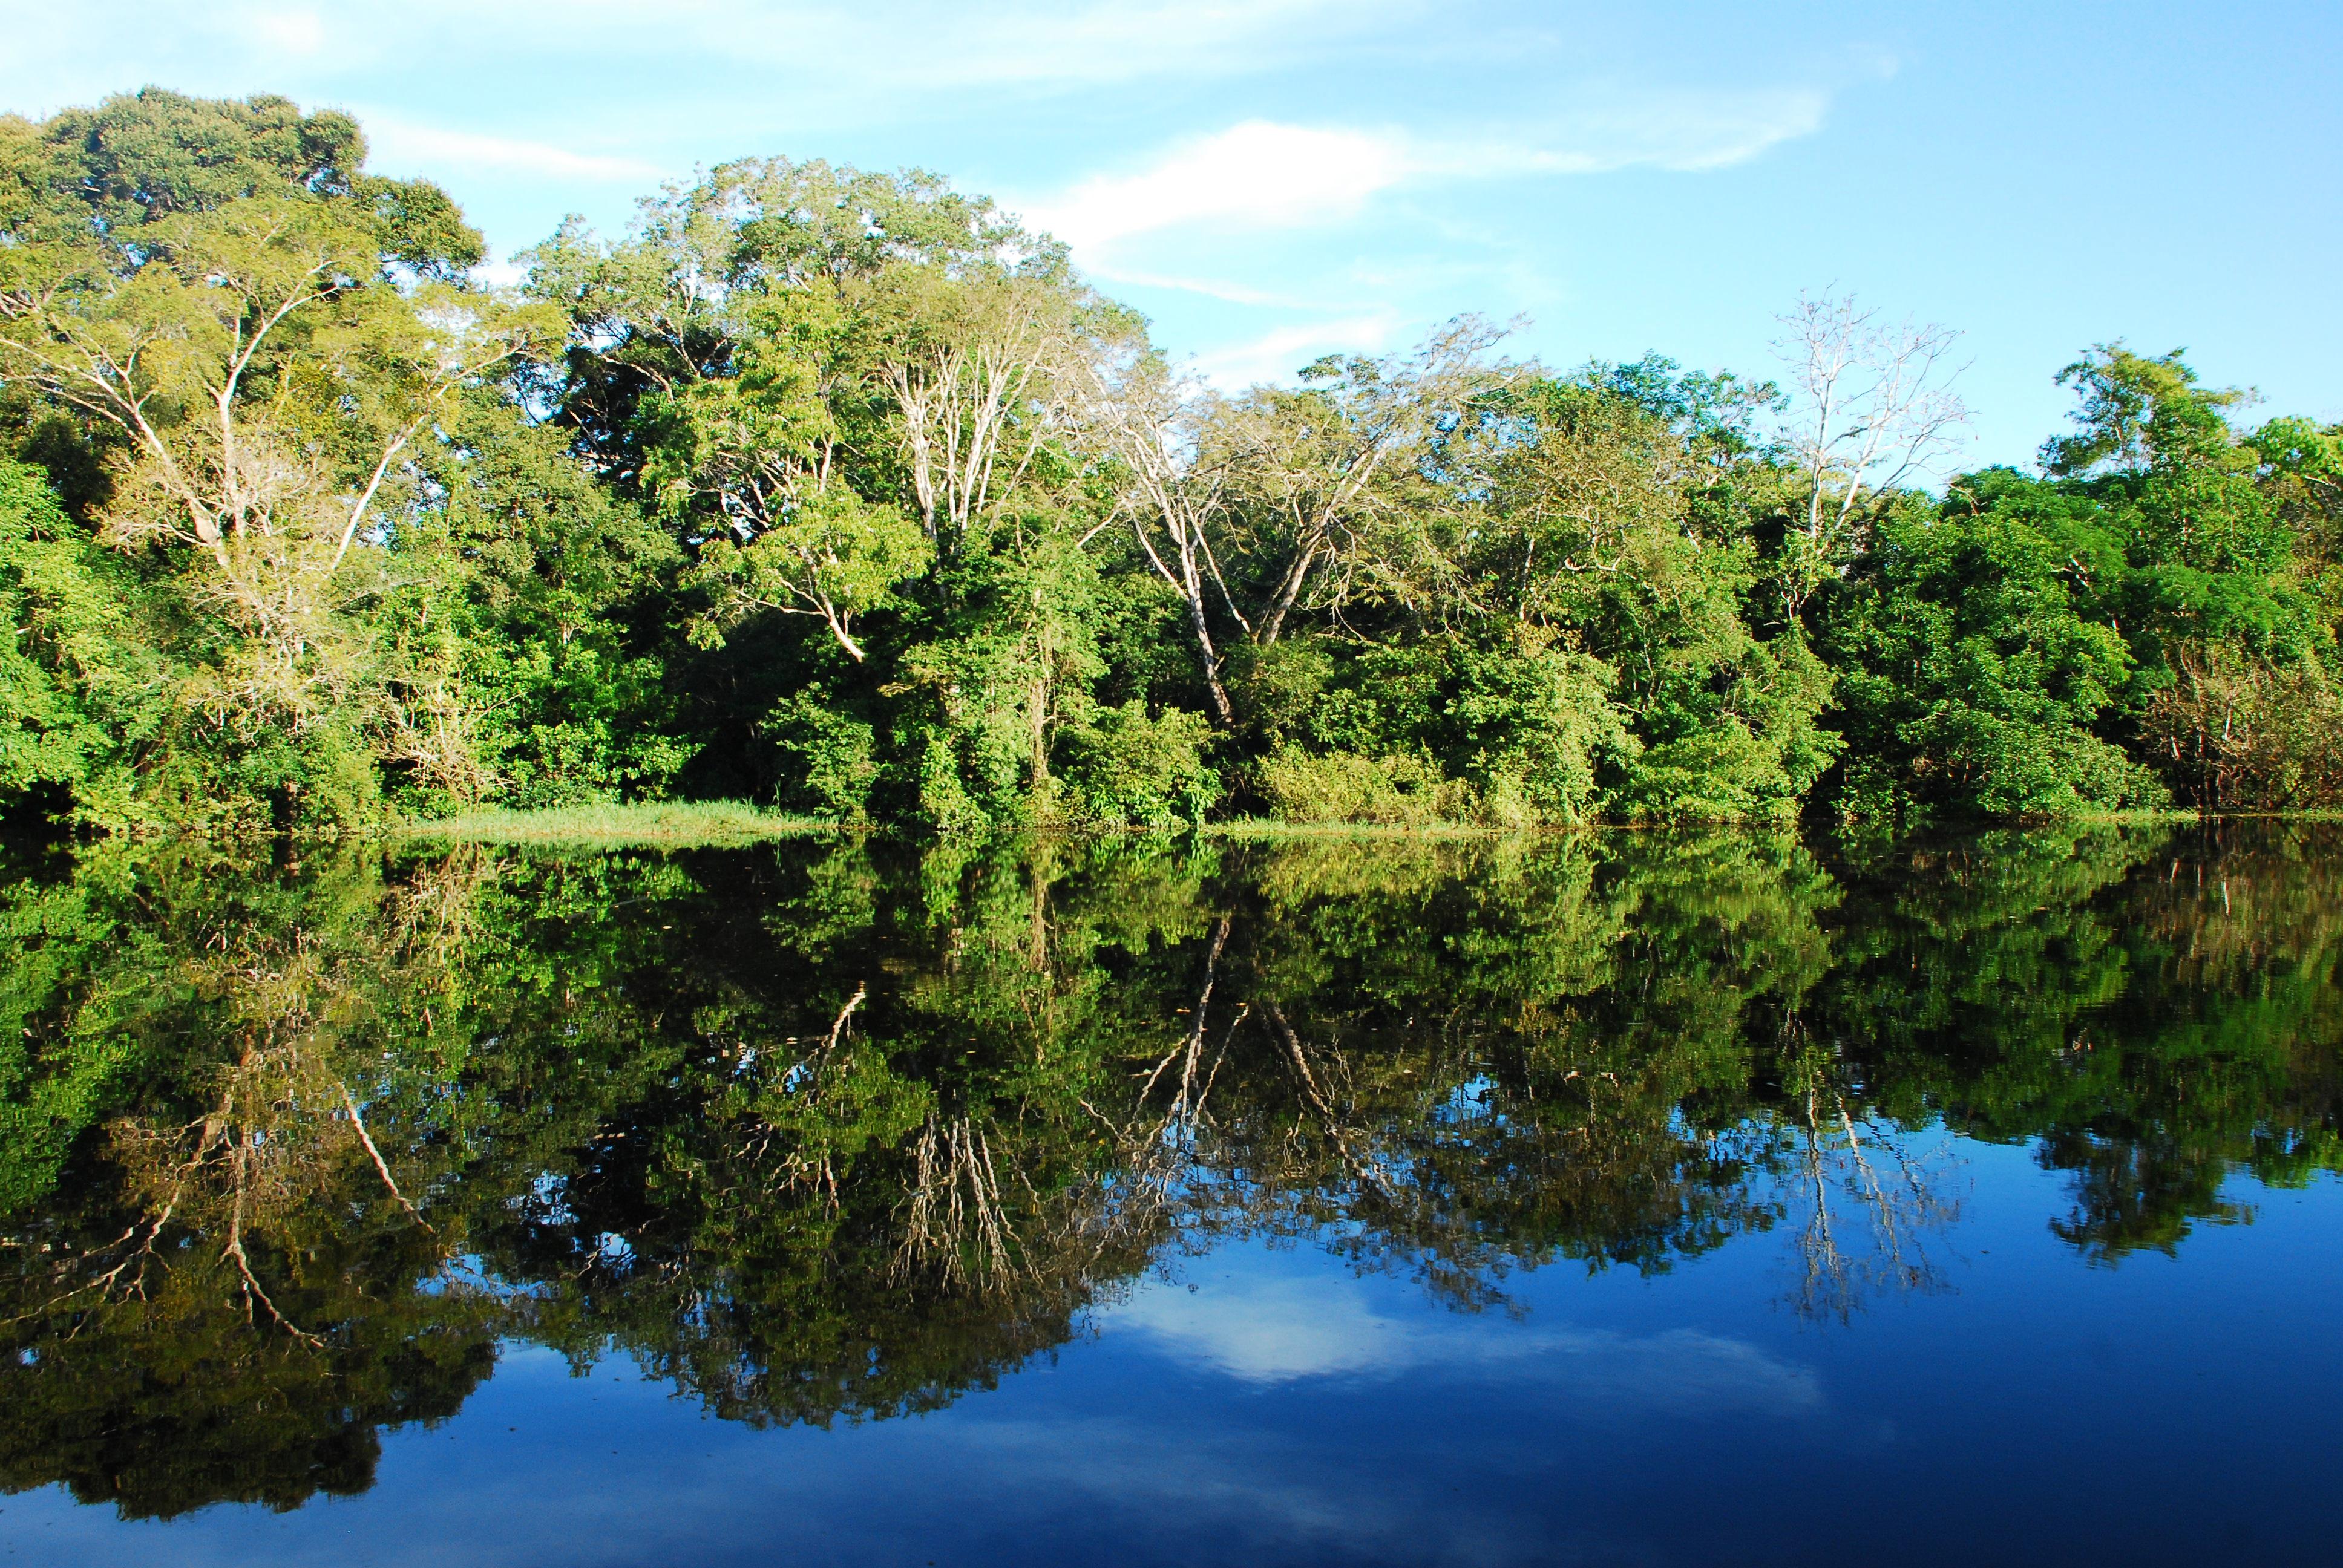 El Reino Unido respalda iniciativas para la protección de bosques y sostenibilidad ambiental en Colombia, a través de la Declaración Conjunta junto con Noruega y Alemania y del Fondo de Biocarbono del Banco Mundial sobre paisajes forestales sostenibles.